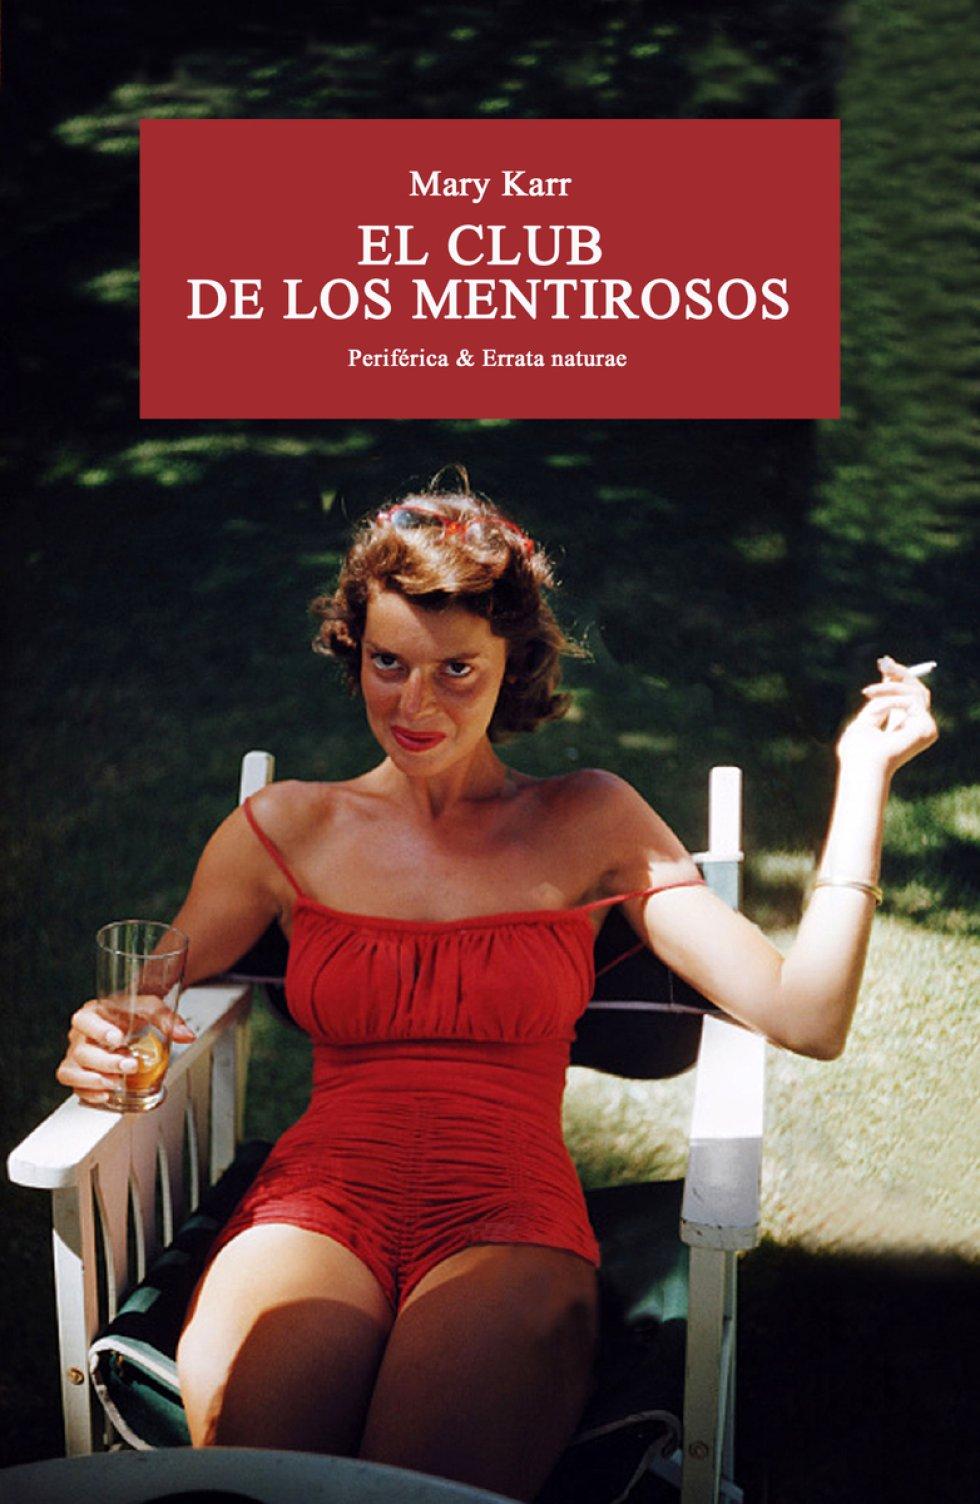 """EL CLUB DE LOS MENTIROSOS (Errata Naturae). Mary Karr. Traducción de Regina López Muñoz. ¿Esto no es de cuando le disparaste a papá?"""", pregunta a su madre al descubrir un agujero en la pared. La madre responde que no: """"A tu padre le disparé ahí"""". Este libro, traducido por Regina López Muñoz, empieza así y el resto es un 'crescendo': secretos familiares, alcohol, viajes, comedia, tragedia. La vida de una mujer escrita en estado de gracia."""